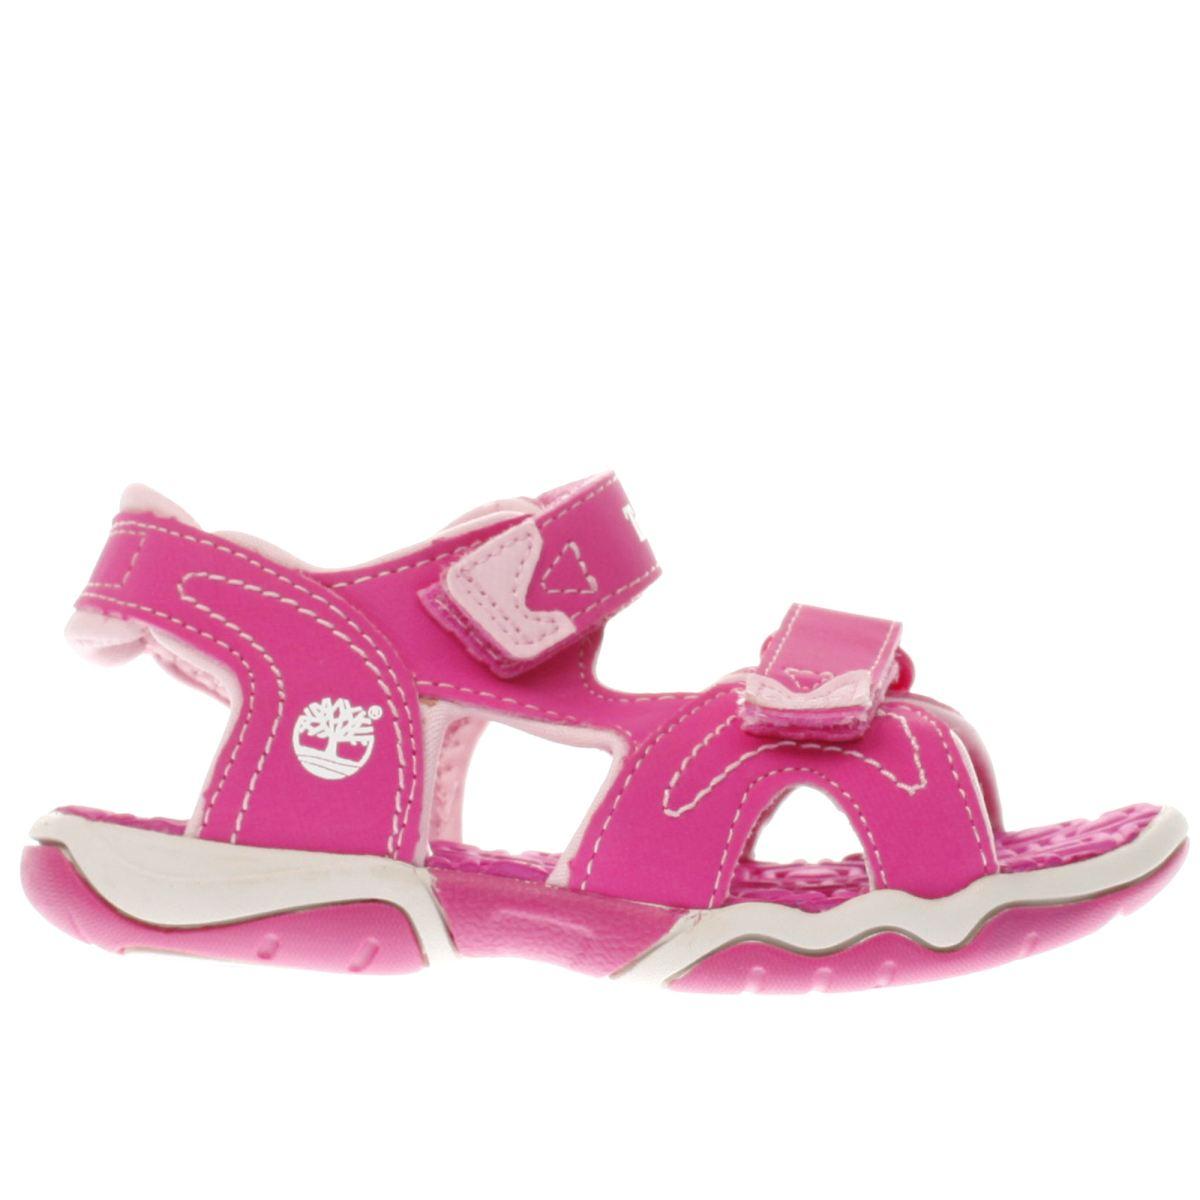 Timberland Pink Adventure Seeker Girls Toddler Toddler